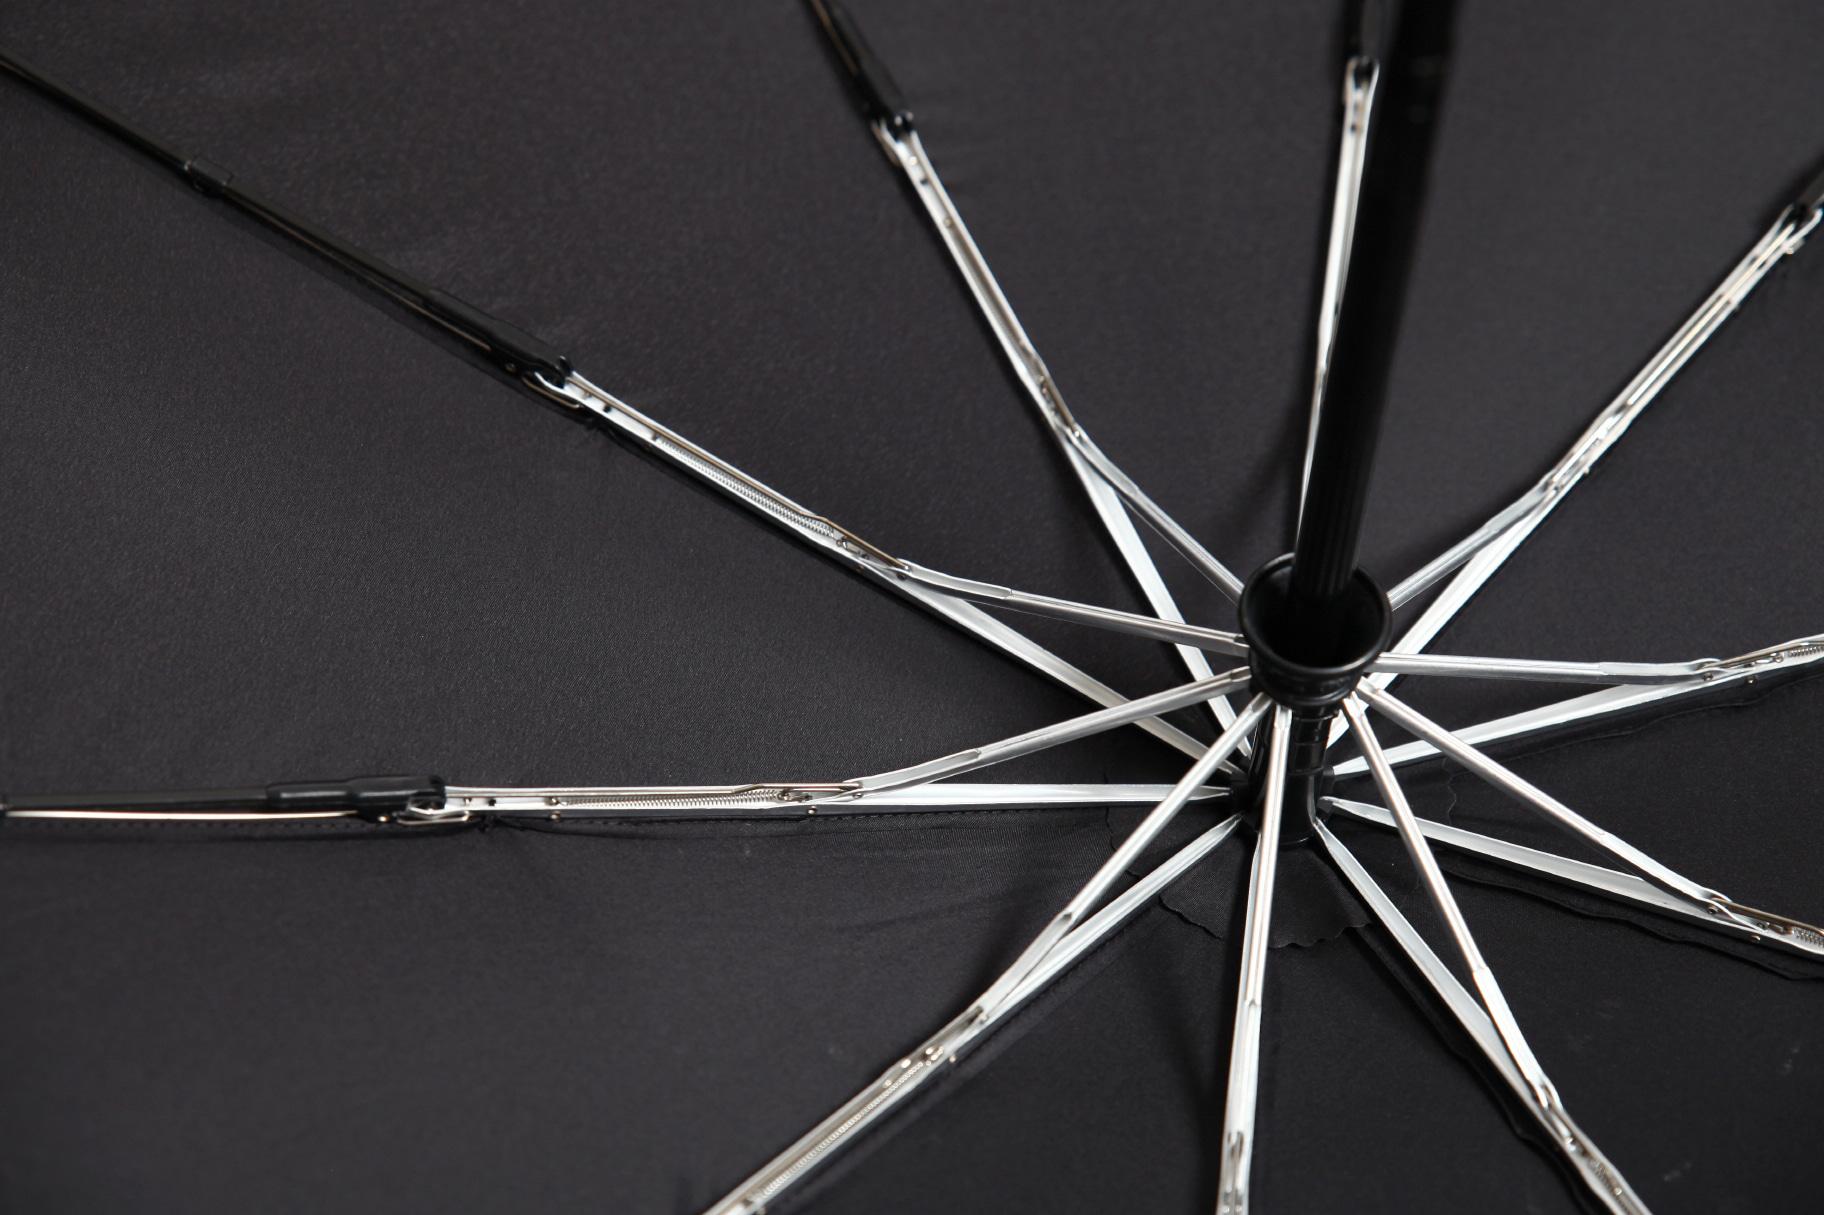 파라체이스(PARACHASE) 3239 10 패널 자동 3단 우산